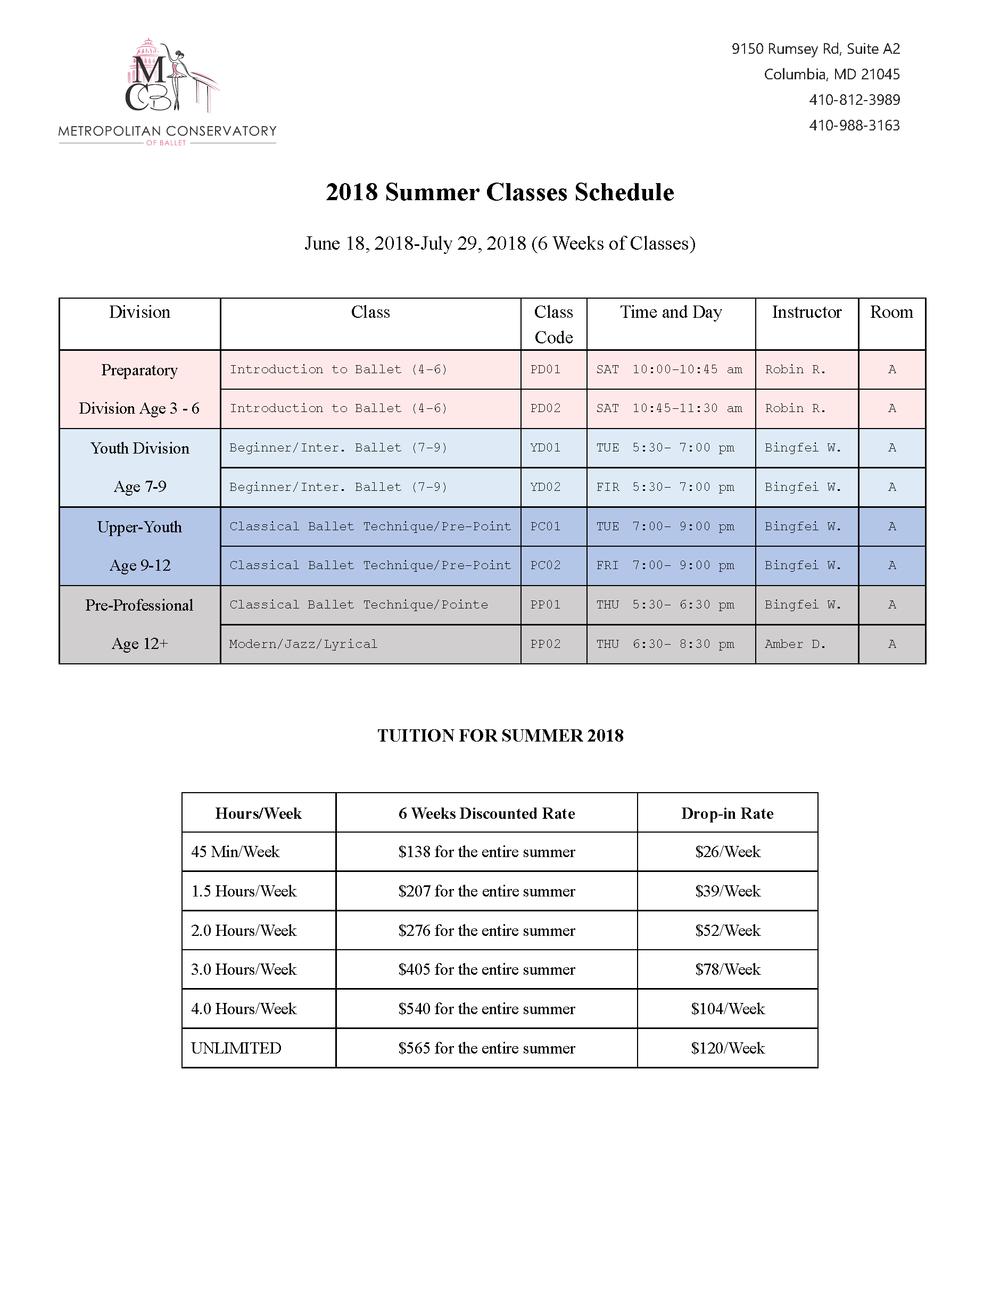 Bingfei Ballet Summer 2018 Schedule.png